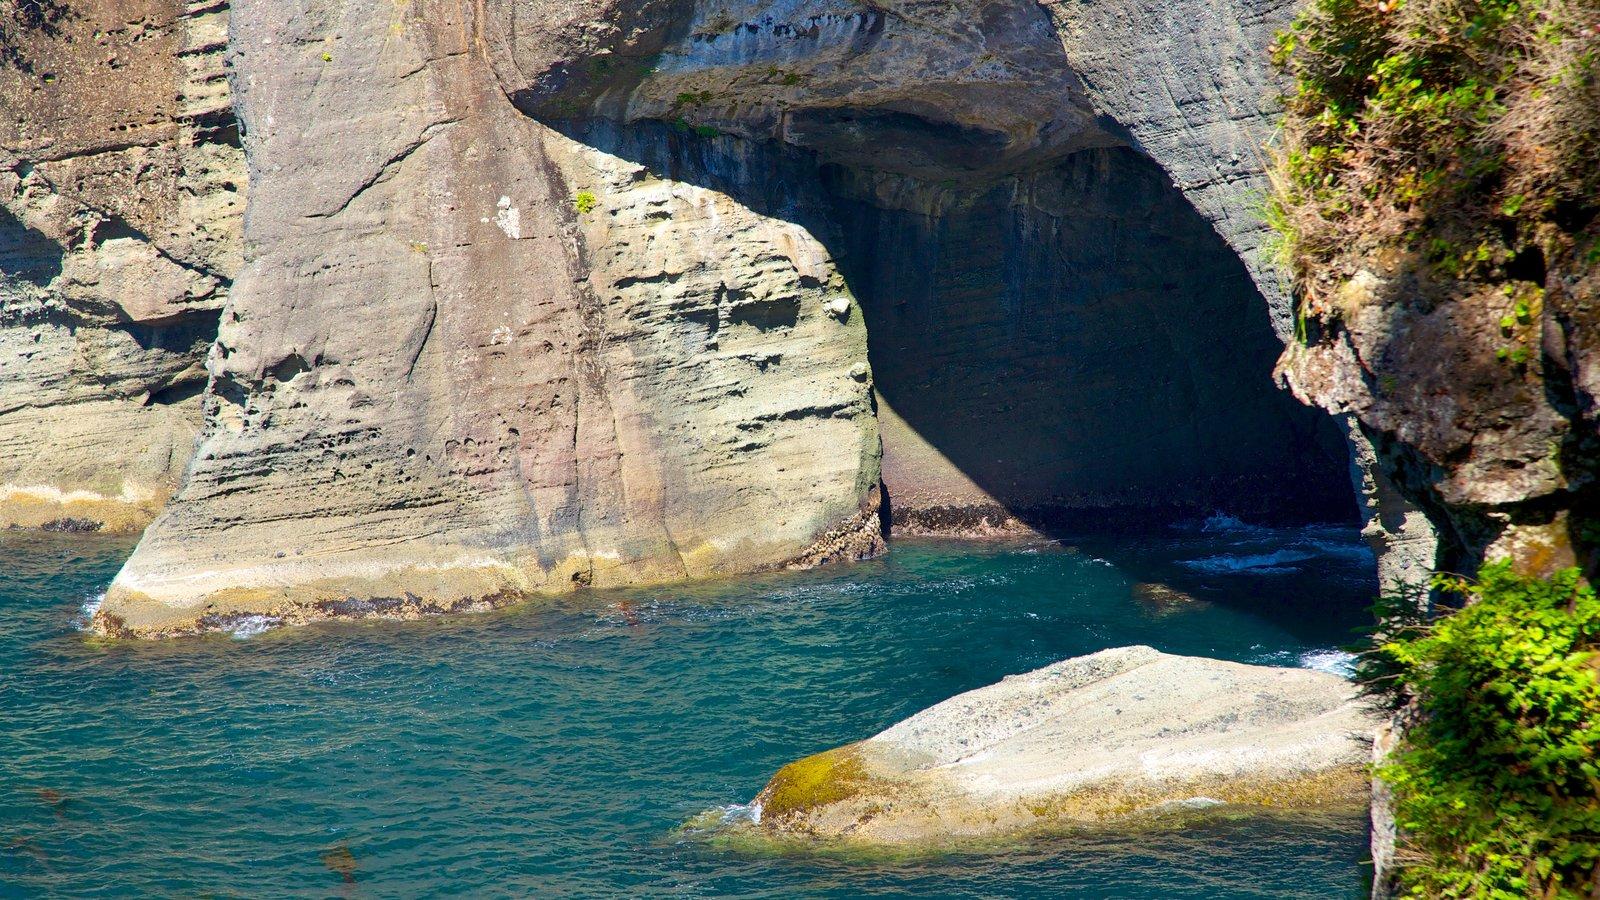 Cabo Flattery que incluye cuevas, una bahía o puerto y vistas generales de la costa